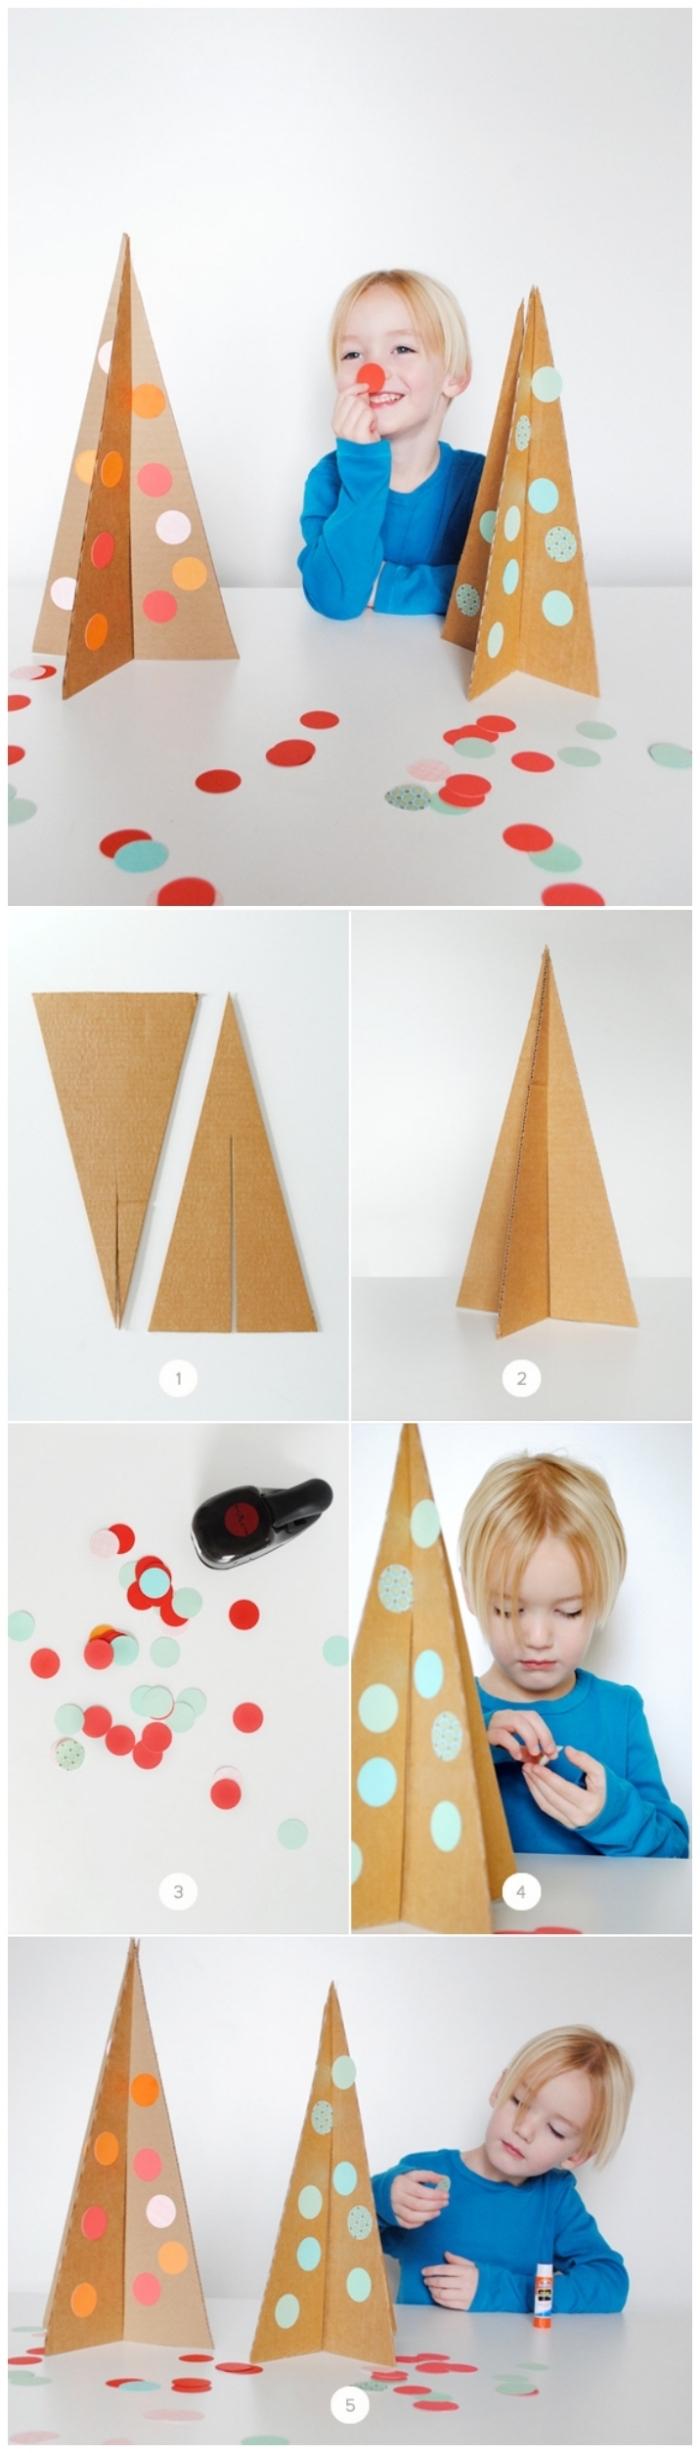 bricolage de noël à faire avec les enfants, comment réaliser un petit sapin de noel en carton à décorer avec des confettis ronds multicolore